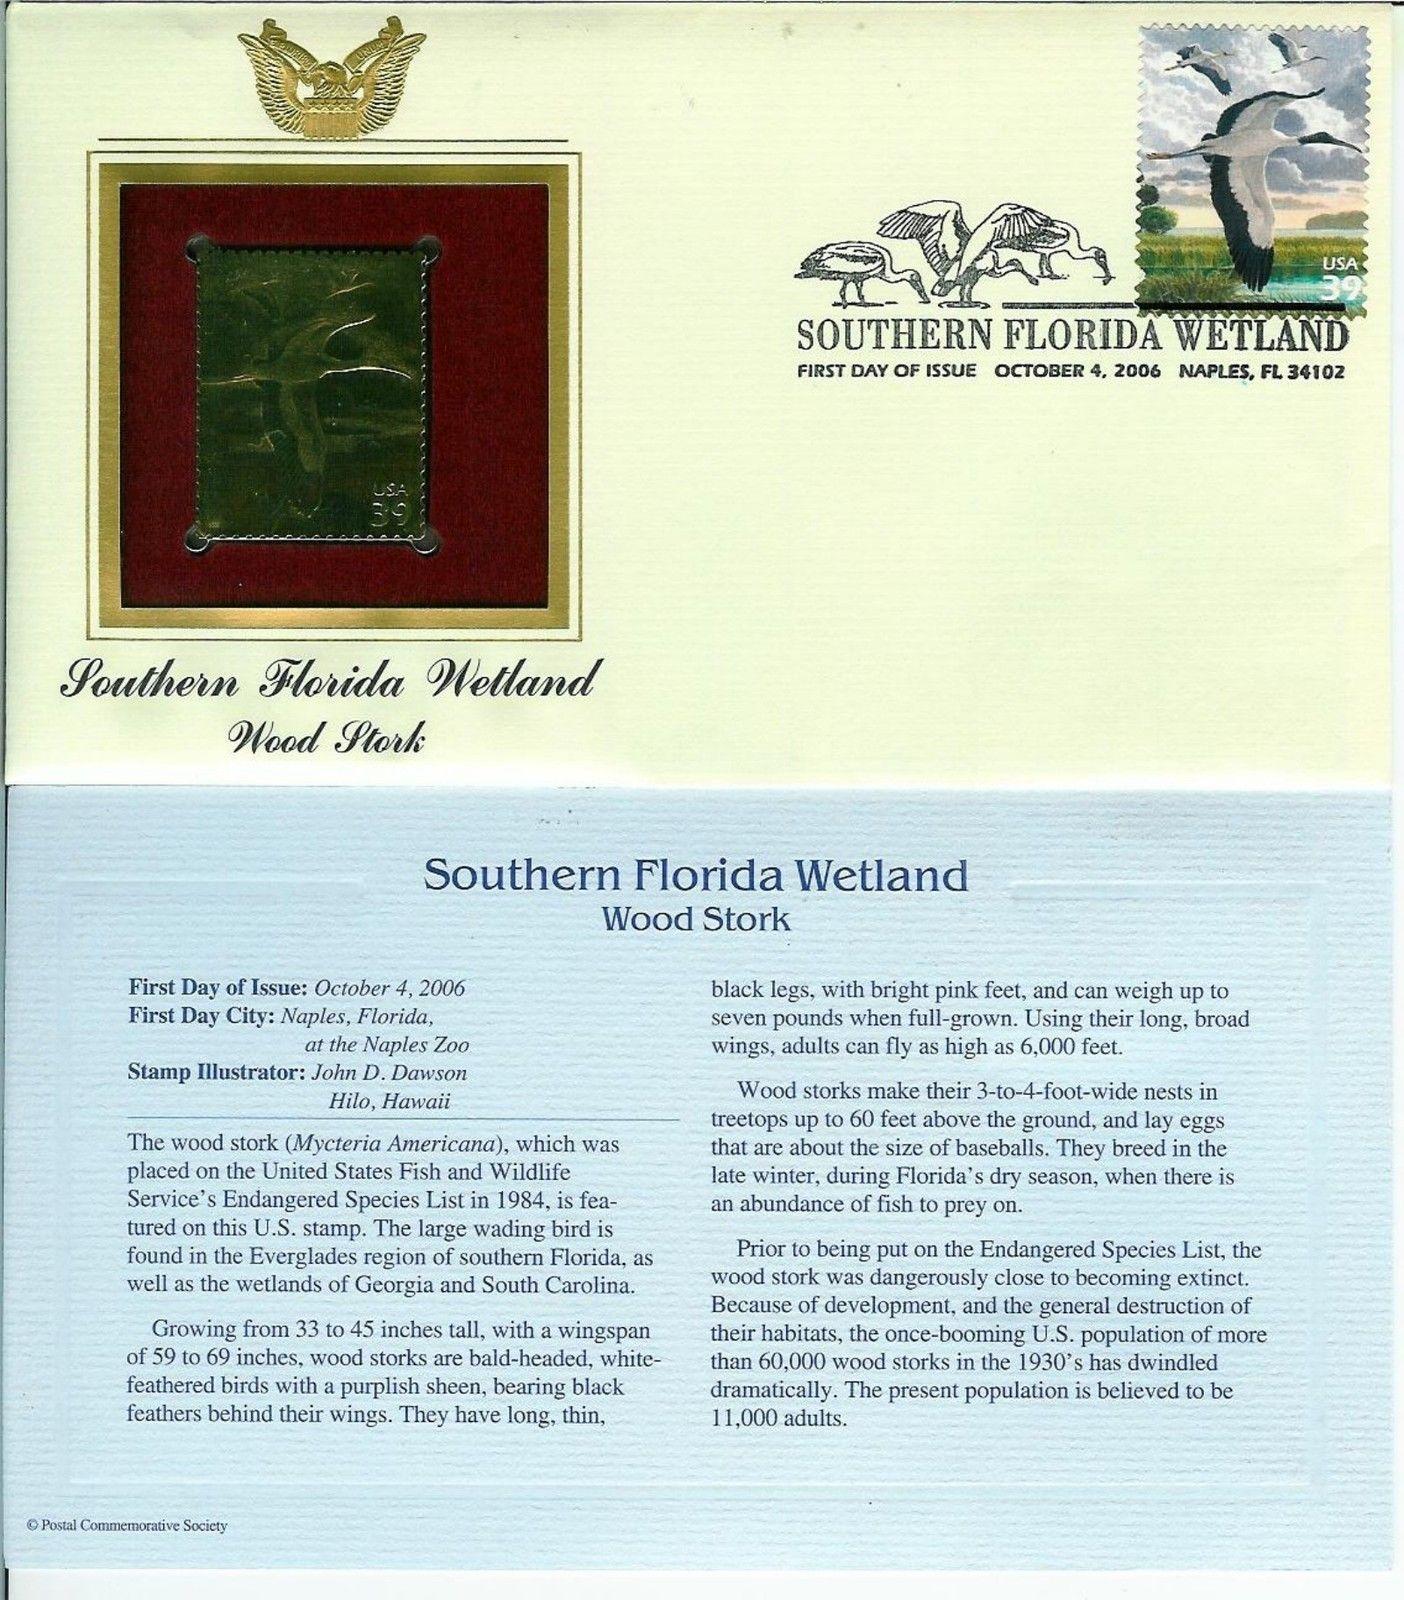 GOLD FOIL 22k FDC Southern Florida Wetland Naples FL + Wood Stork +